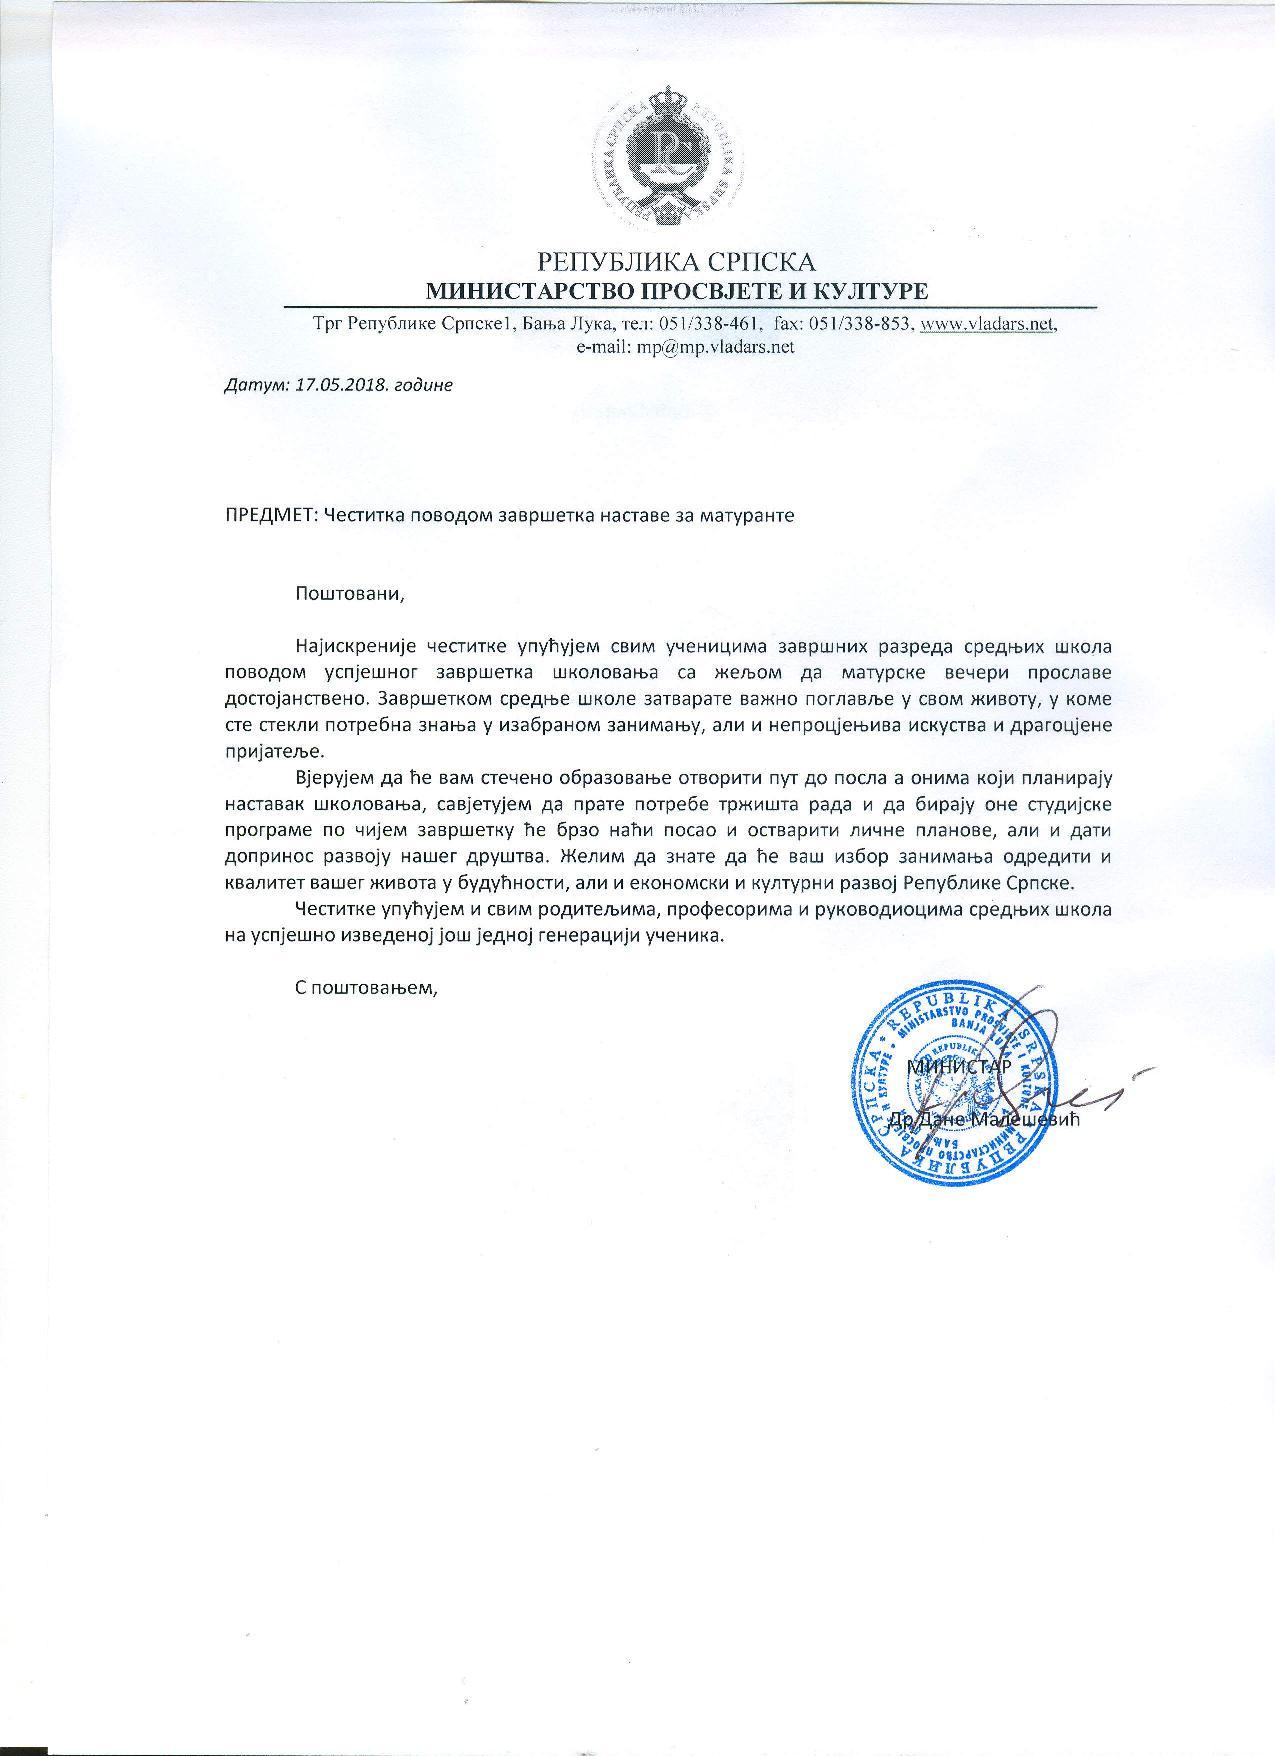 Ministarstvo prosvjete i kulture - cestitka maturantima-page-001